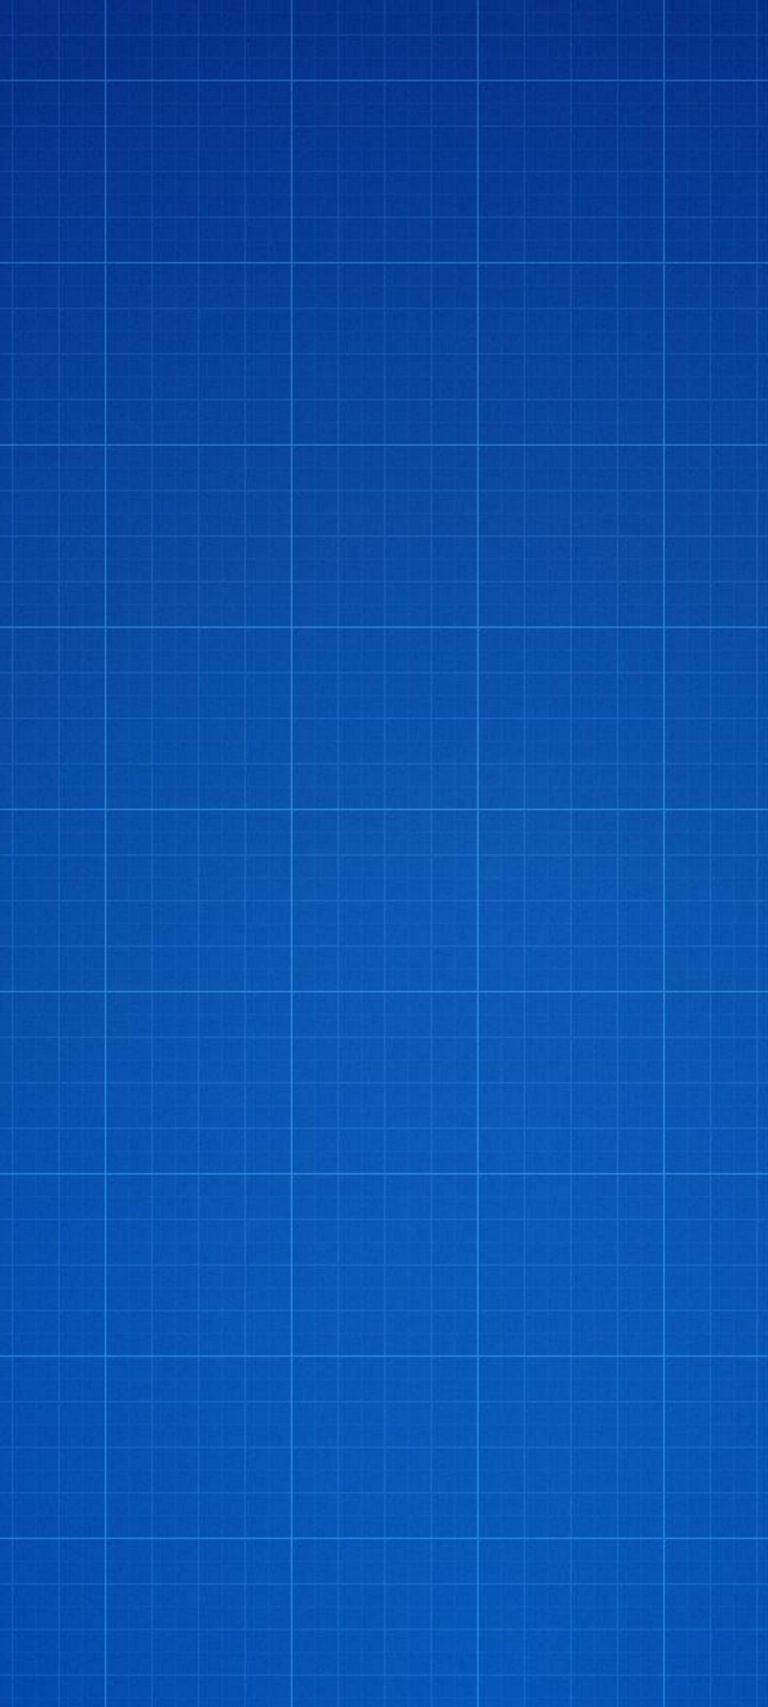 1440x3200 HD Wallpaper 125 768x1707 - 1440x3200 HD Wallpaper - 125